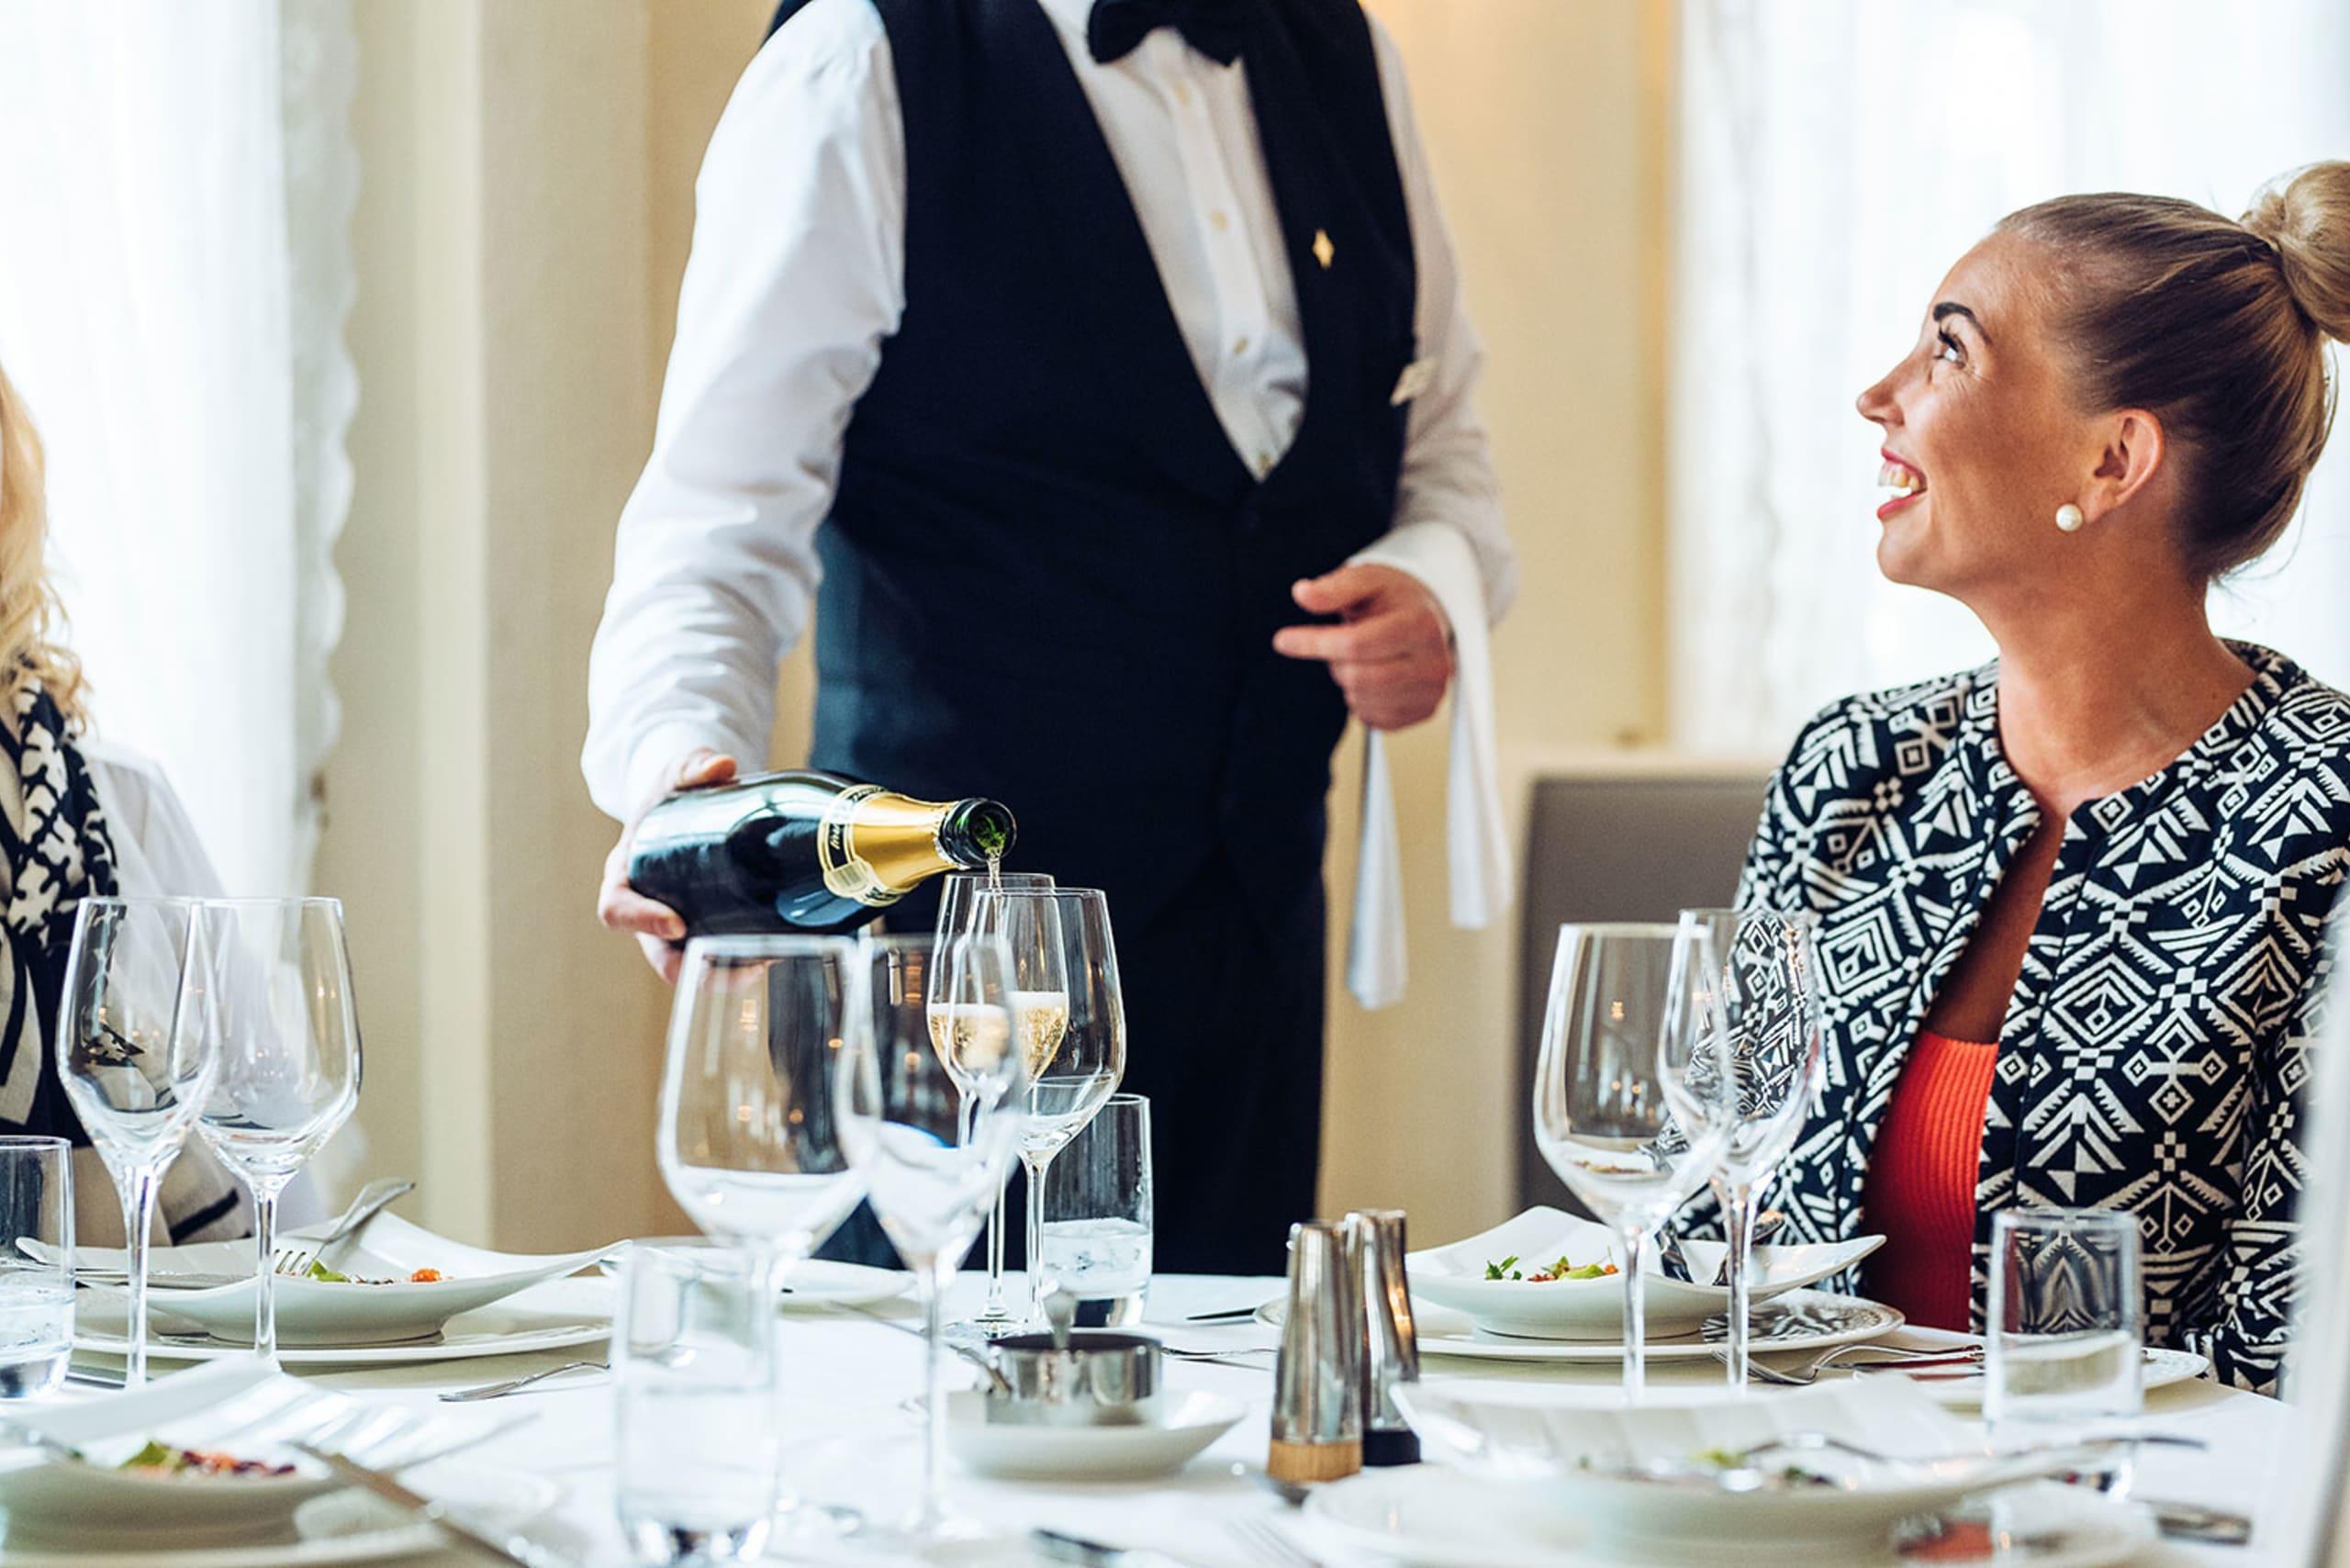 Lady who is served champagne at Bekkjarvik Gjestgiveri